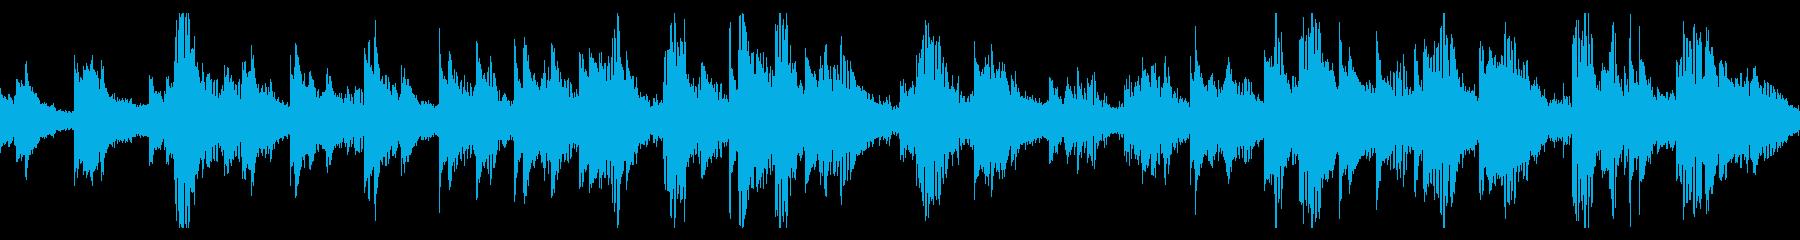 深い響きのピアノと、シンセサイザーの再生済みの波形